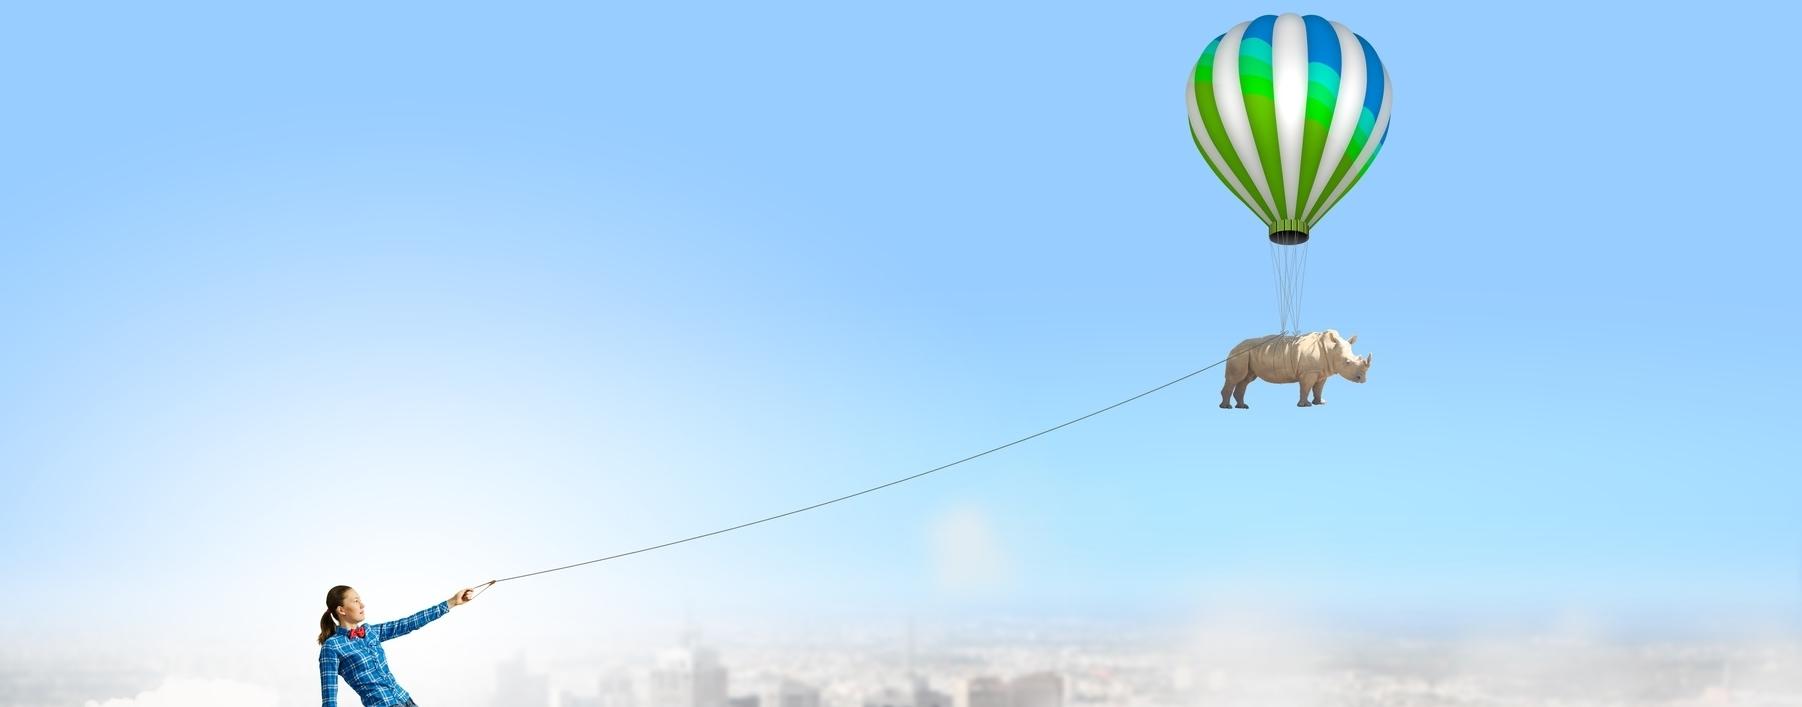 rhino-baloon-e1416788901715